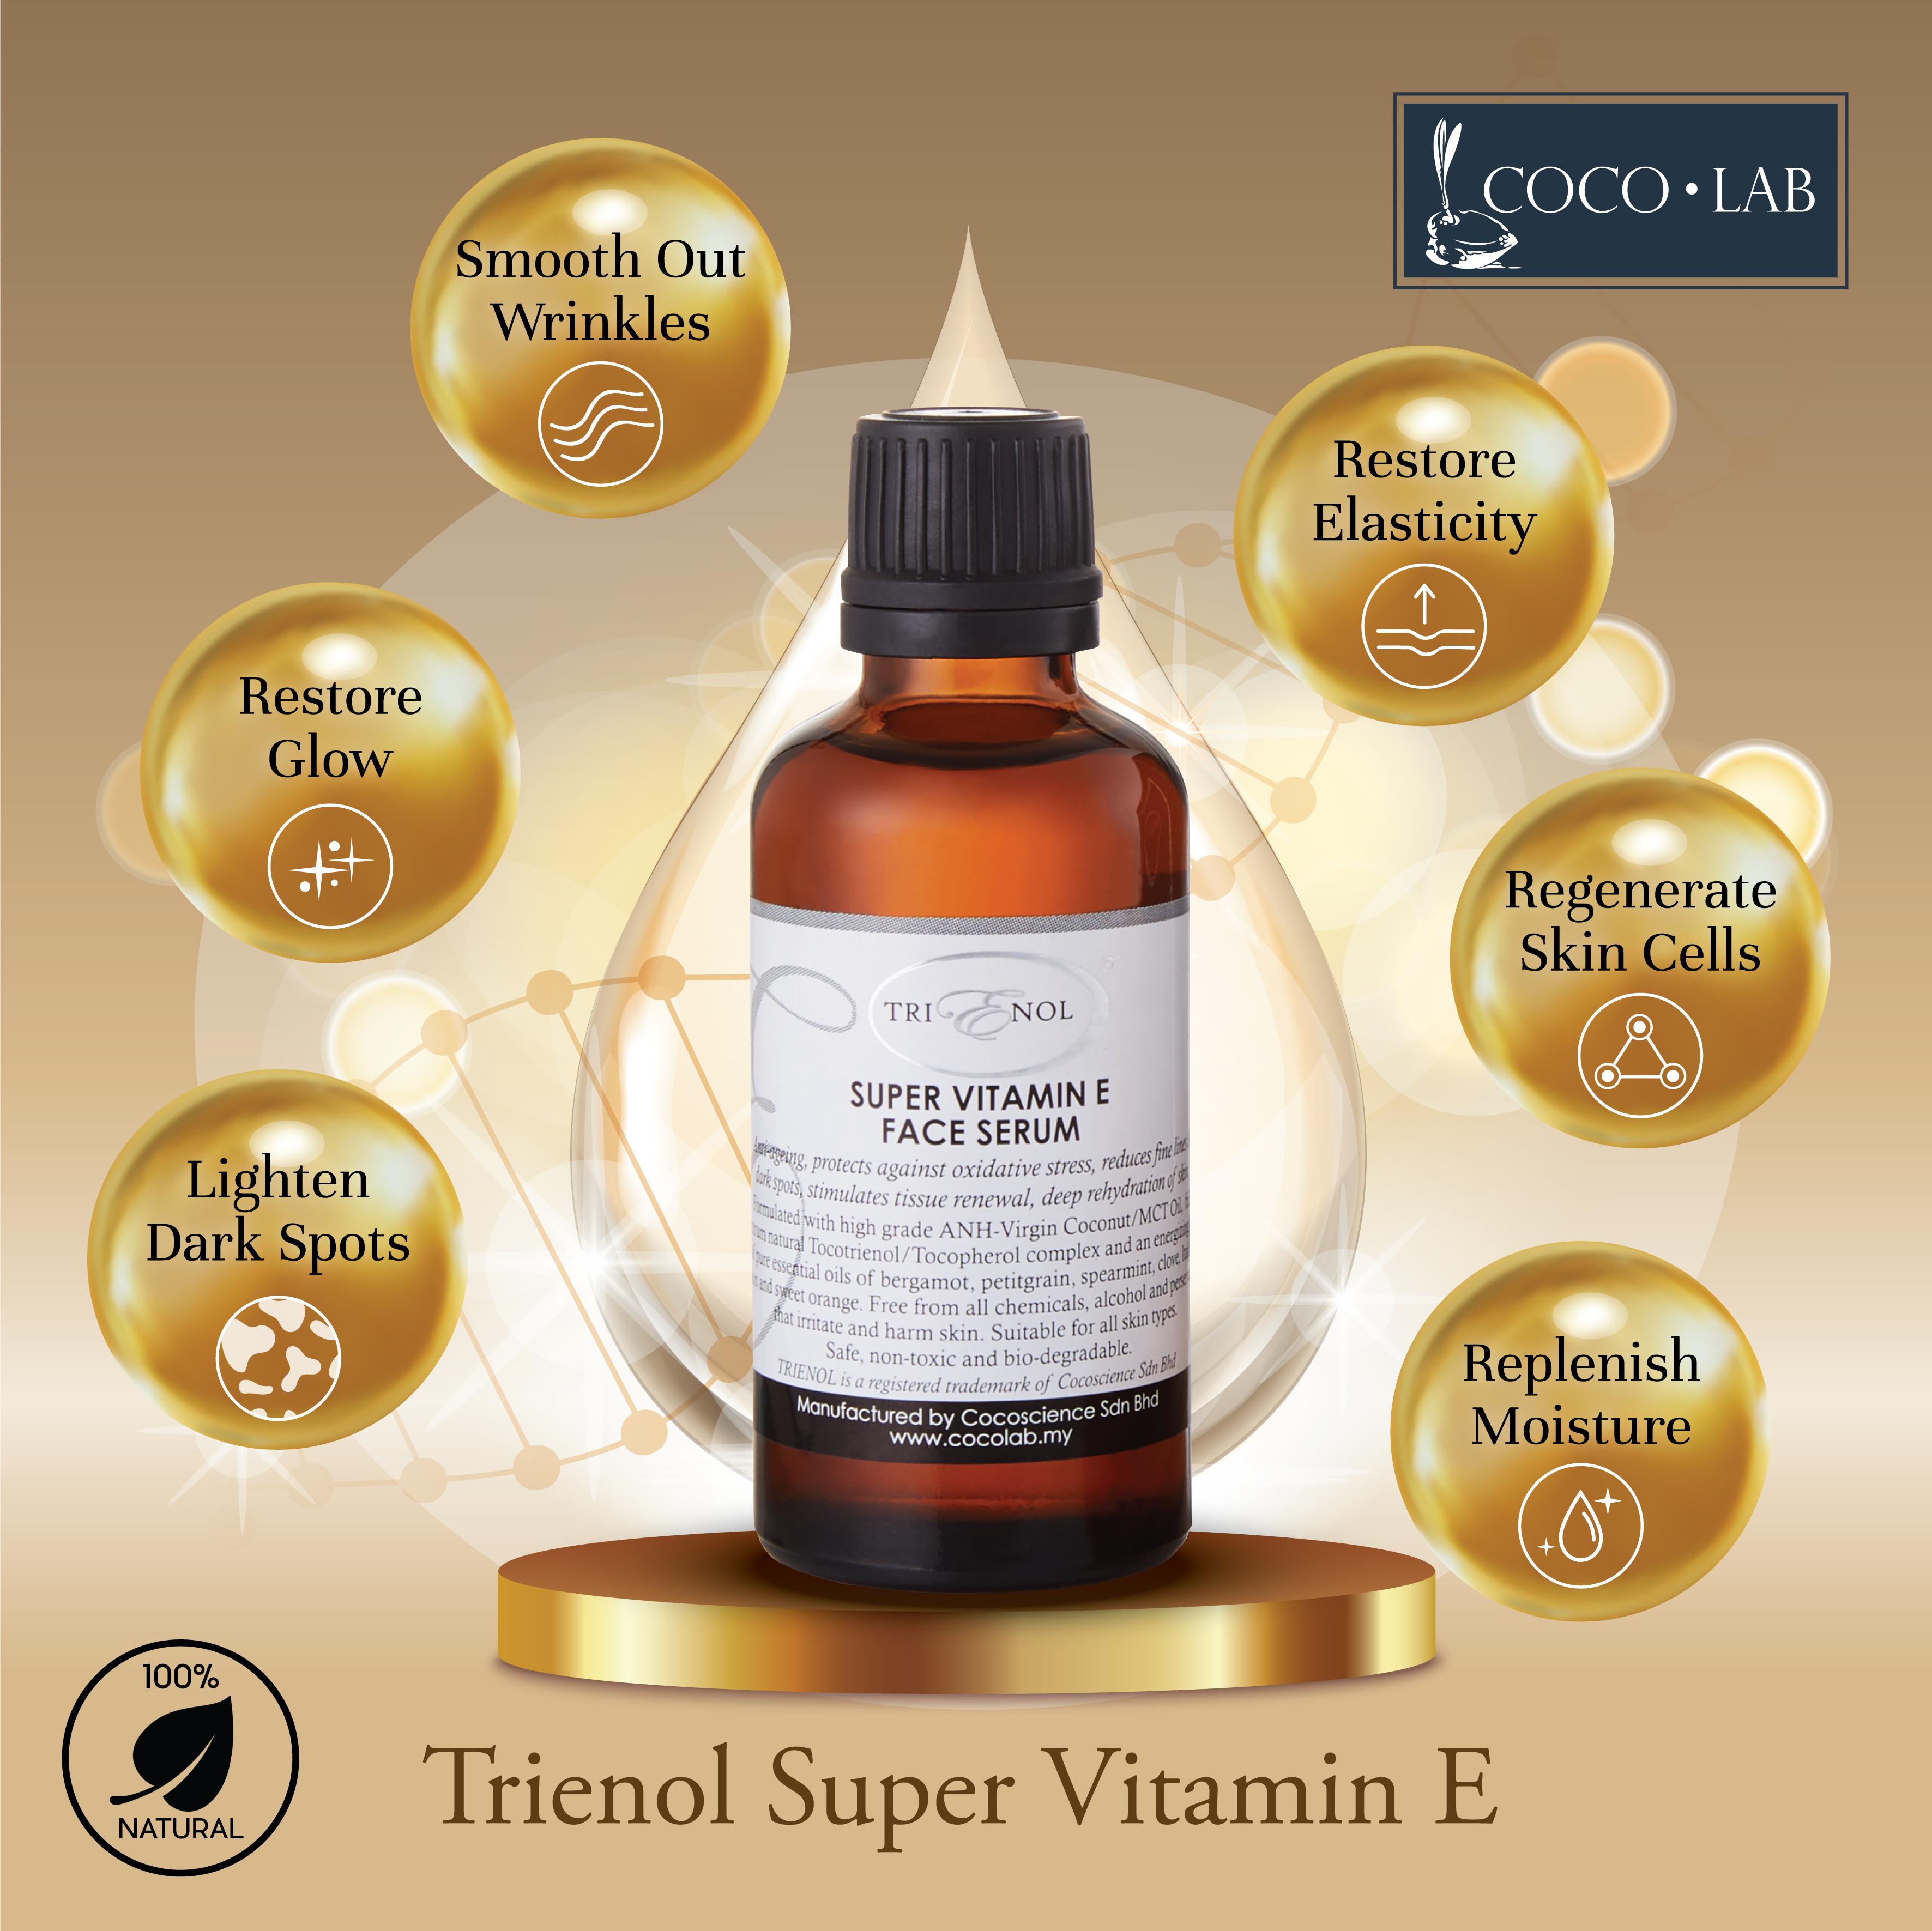 Trienol Face Serum